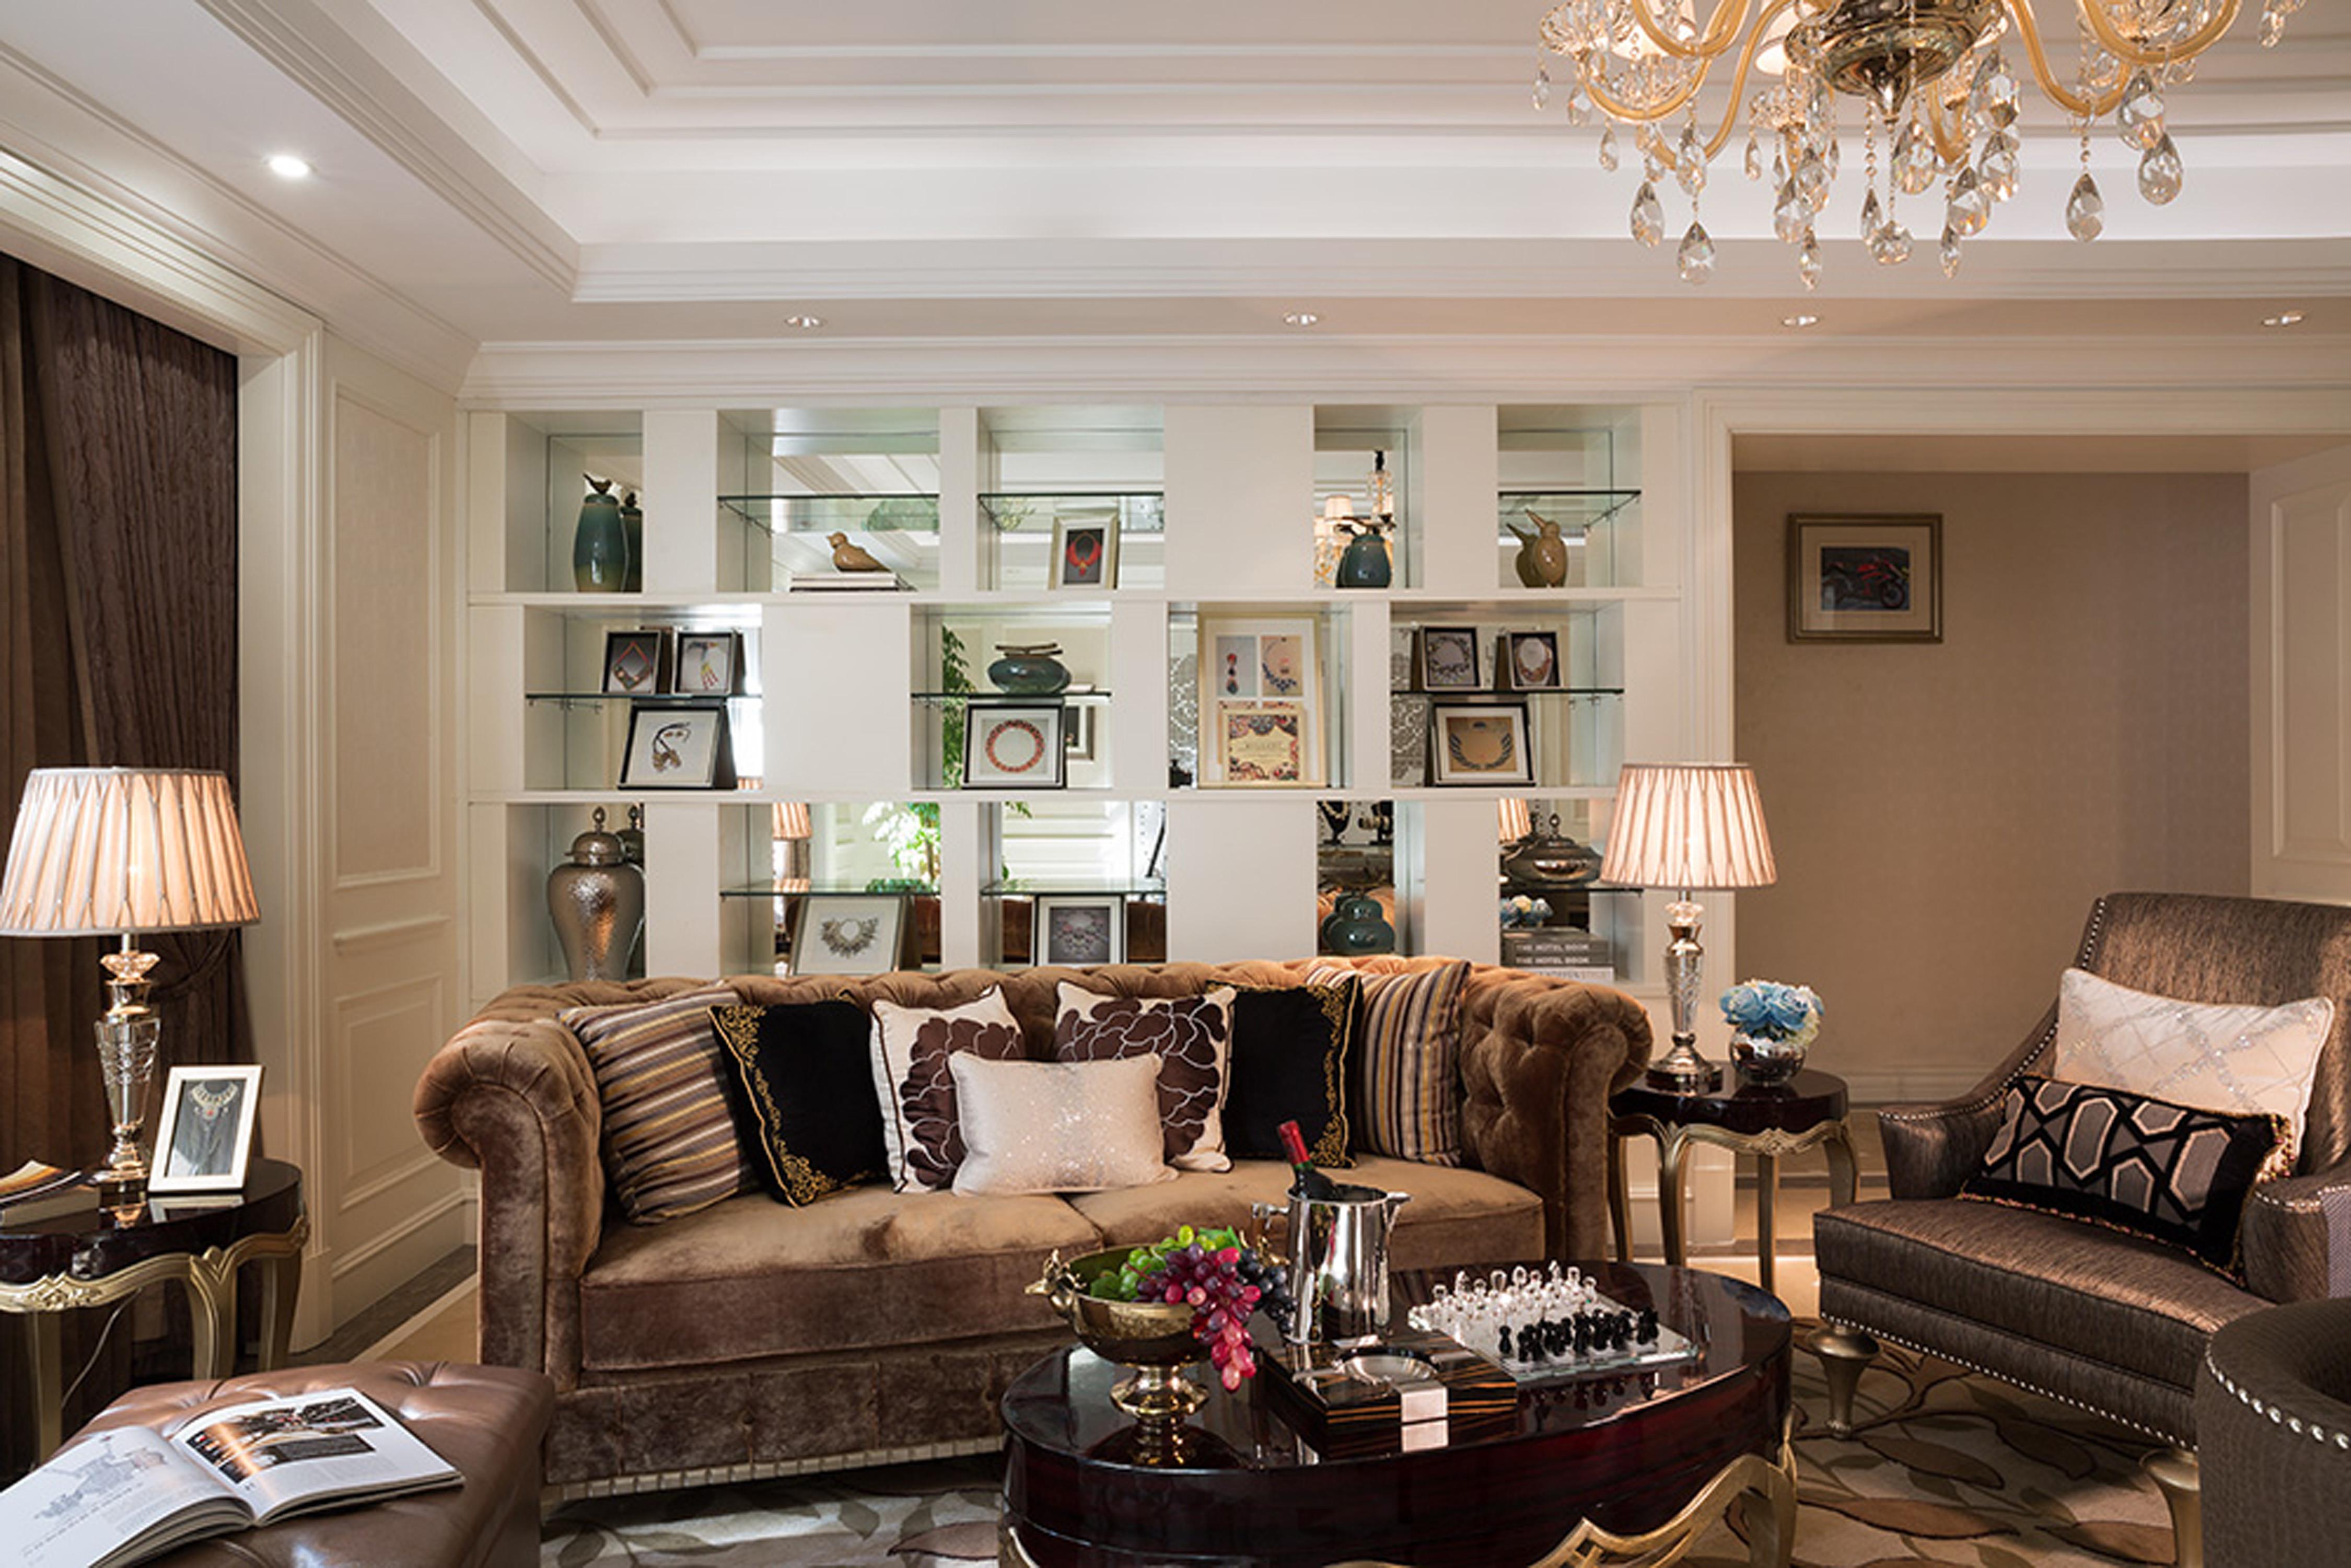 新古典主义别墅装修沙发图片